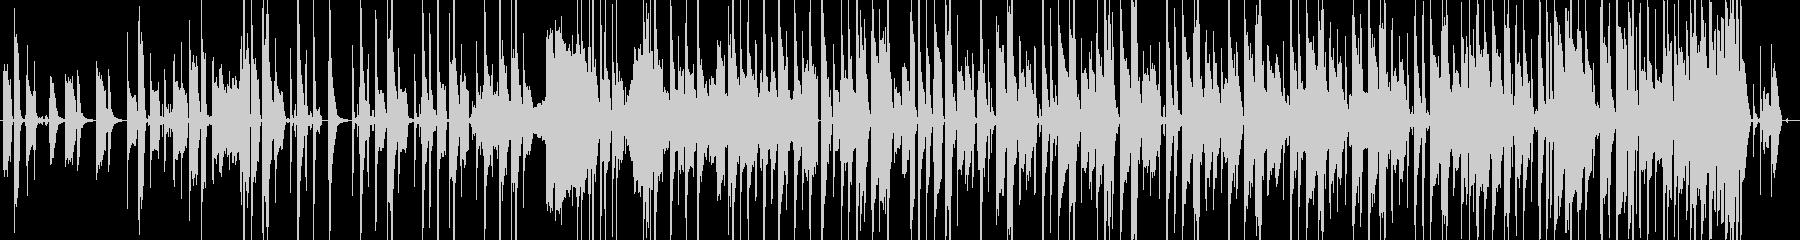 ファンキーなベースラインの曲の未再生の波形